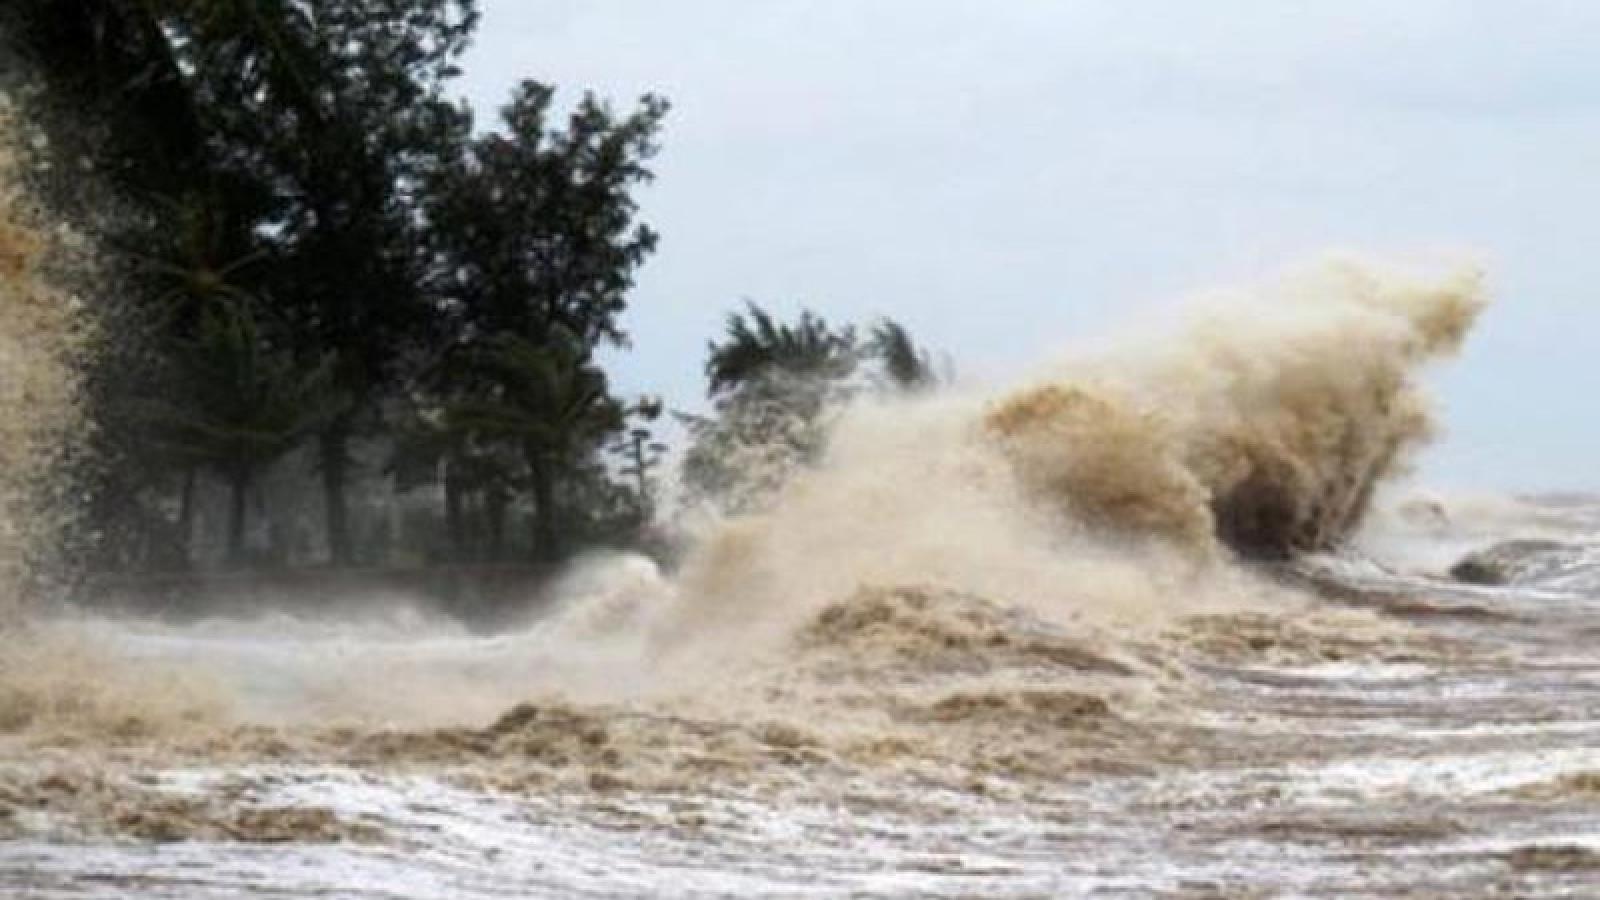 Thời tiết ngày 27/10: Bão số 9 đổ bộ miền Trung với gió giật rất mạnh kèm mưa lớn